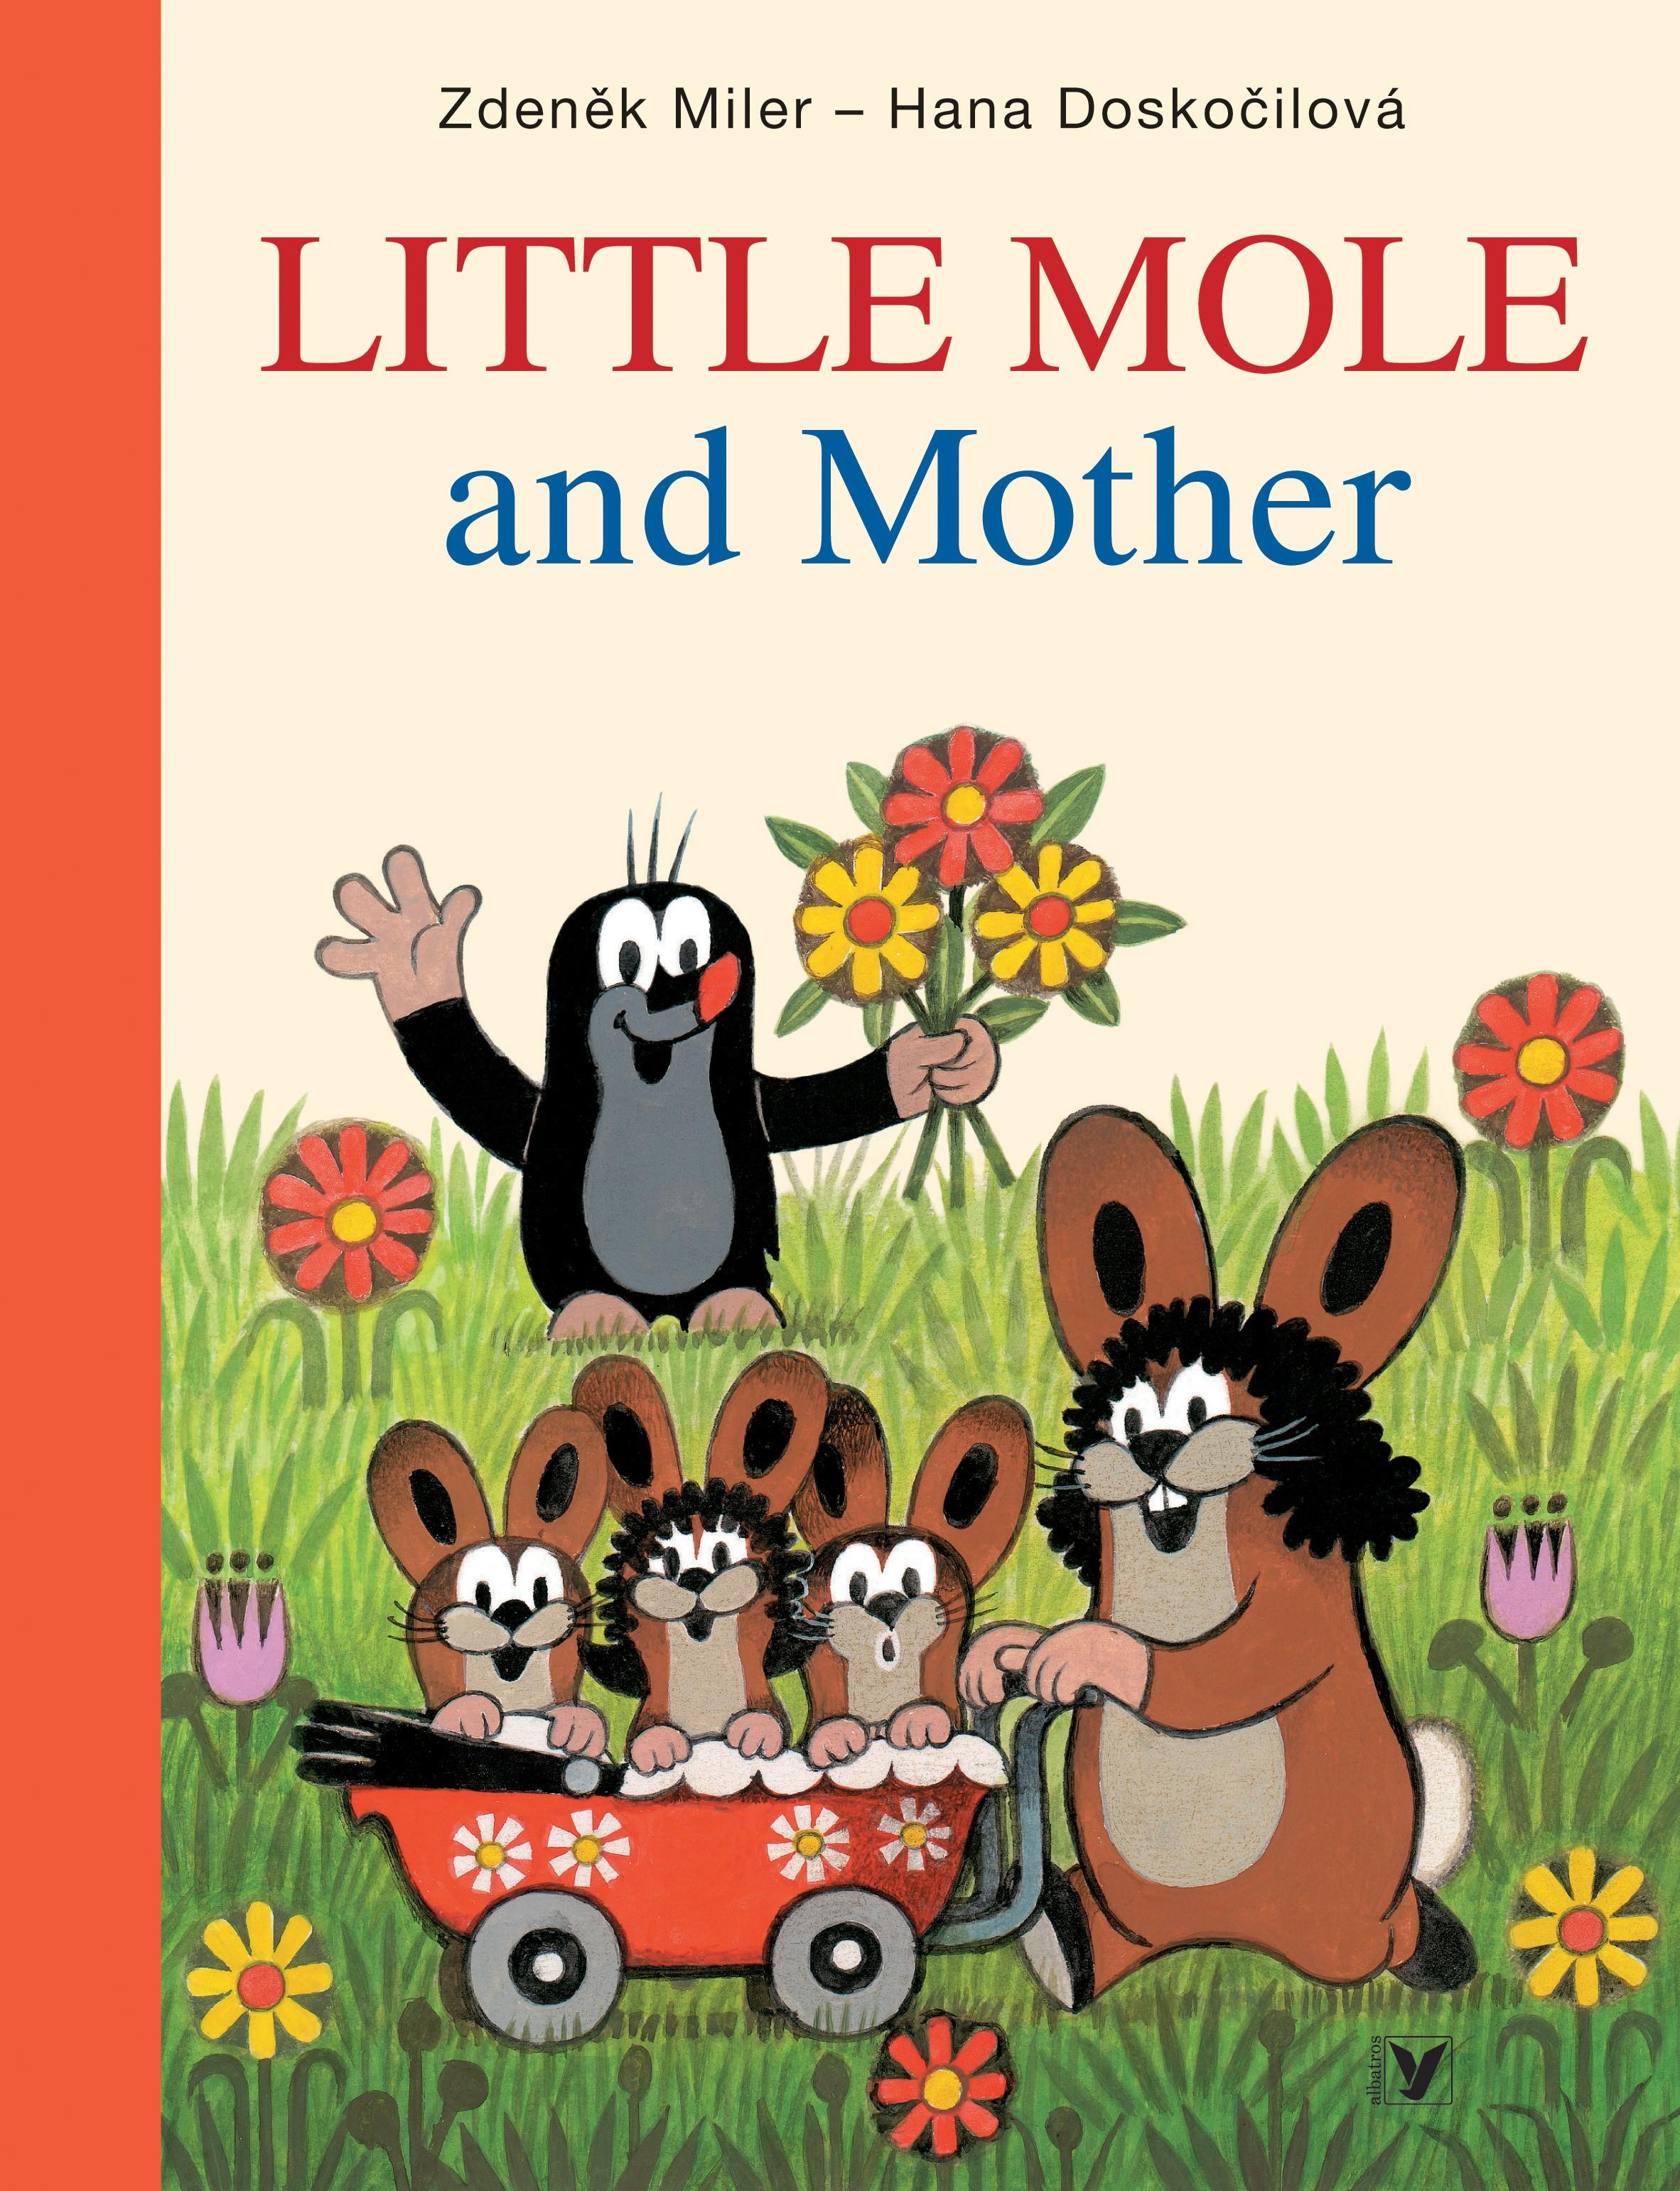 Little Mole and Mother | Hana Doskočilová, Zdeněk Miler